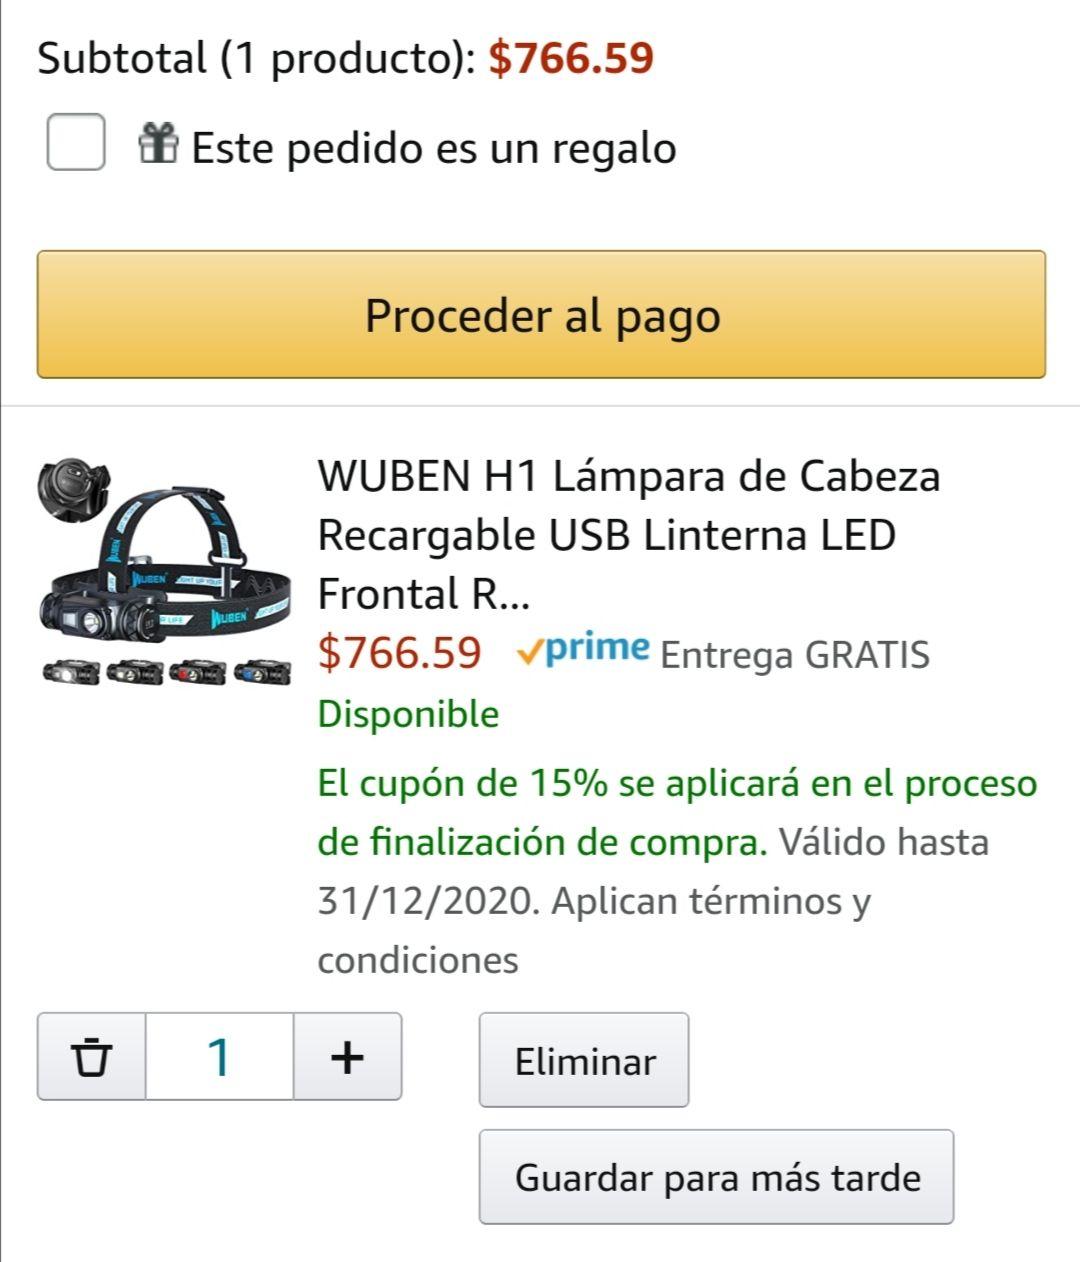 Amazon: WUBEN H1 Lámpara de Cabeza Recargable USB Linterna LED Frontal